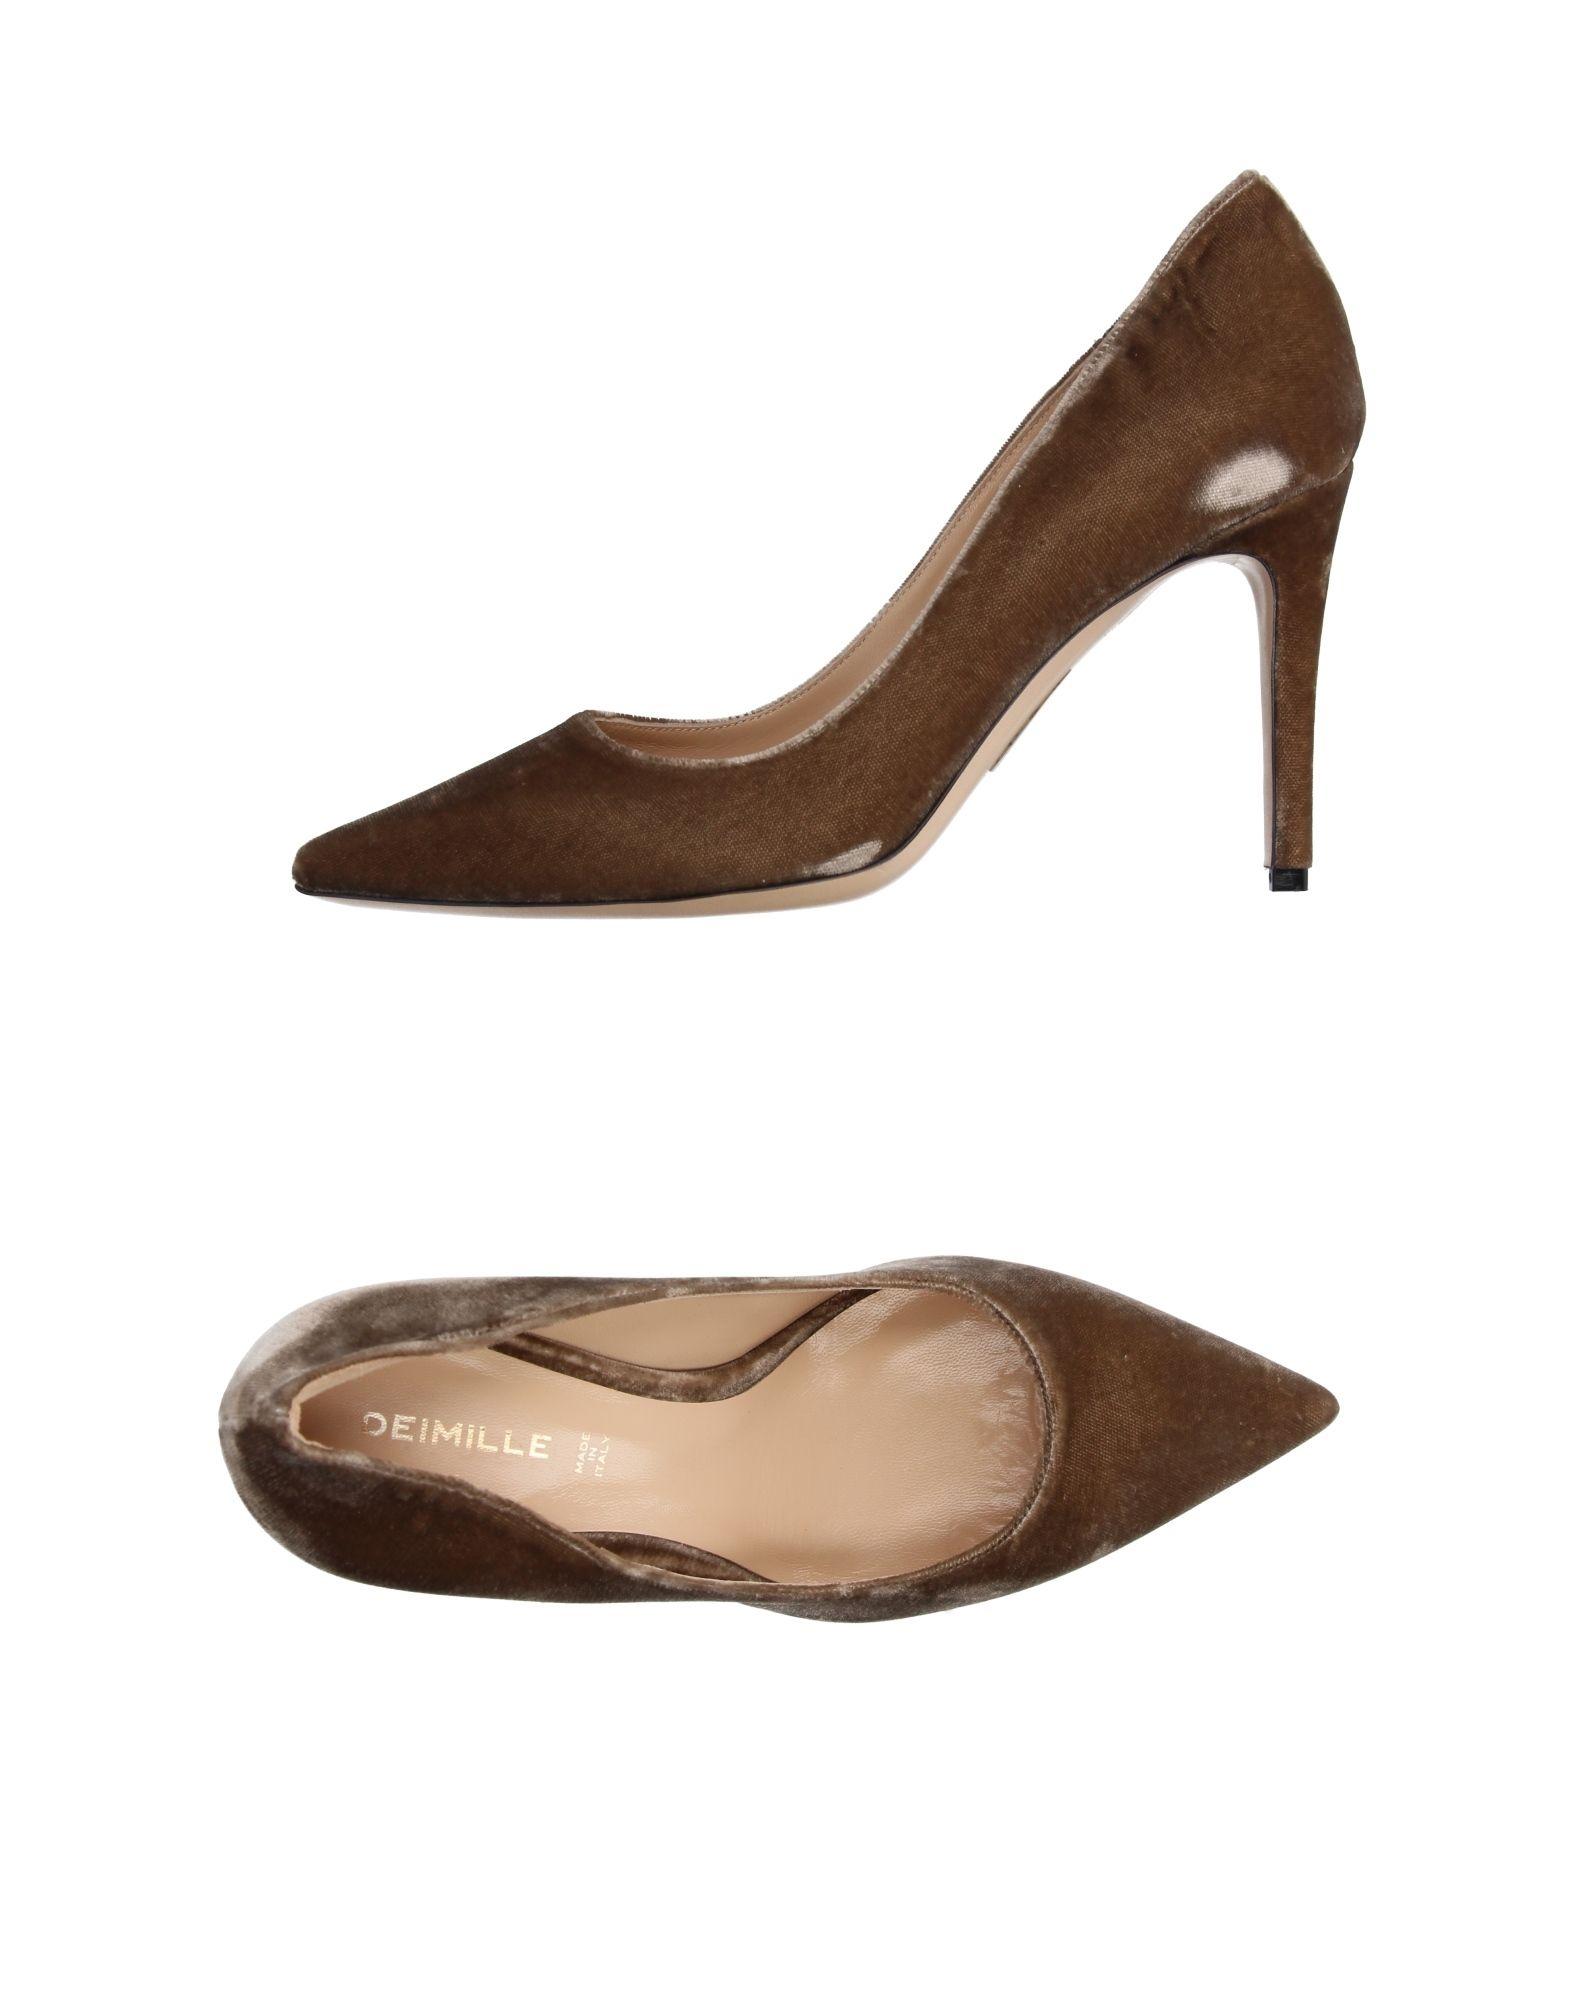 Deimille Damen Pumps Damen Deimille  11291135NS Gute Qualität beliebte Schuhe b90a49